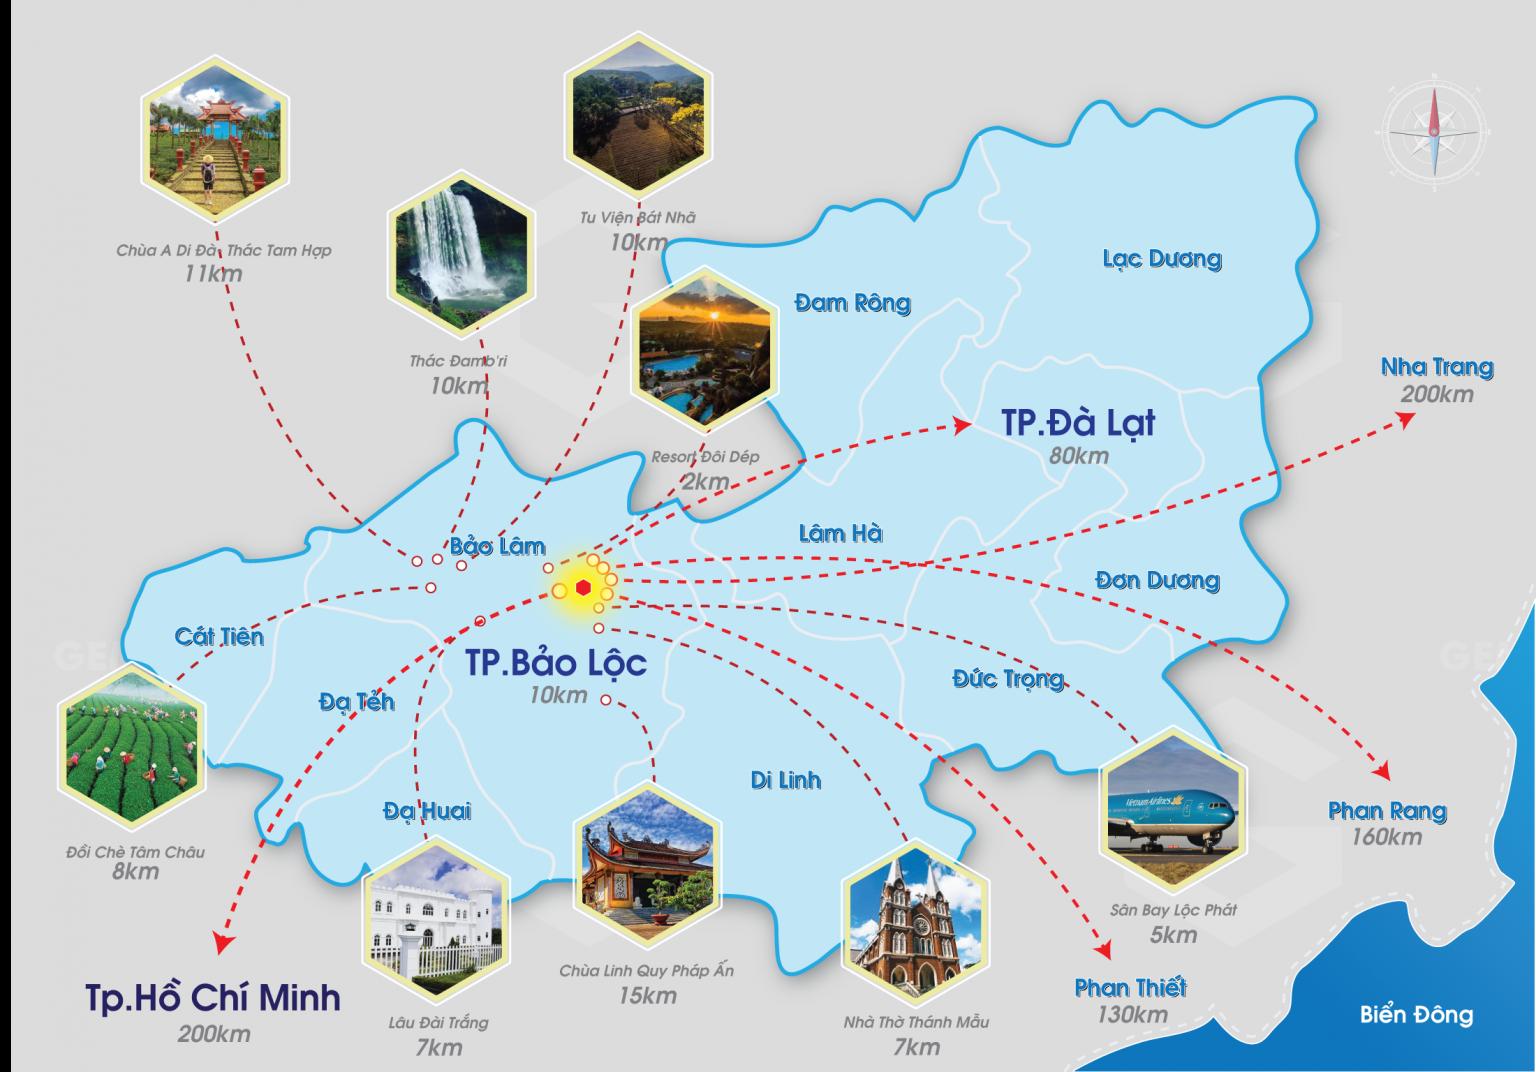 Kết nối dự án đất nền nghĩ dưỡng Bảo Lộc Gems Riverside Lâm Đồng